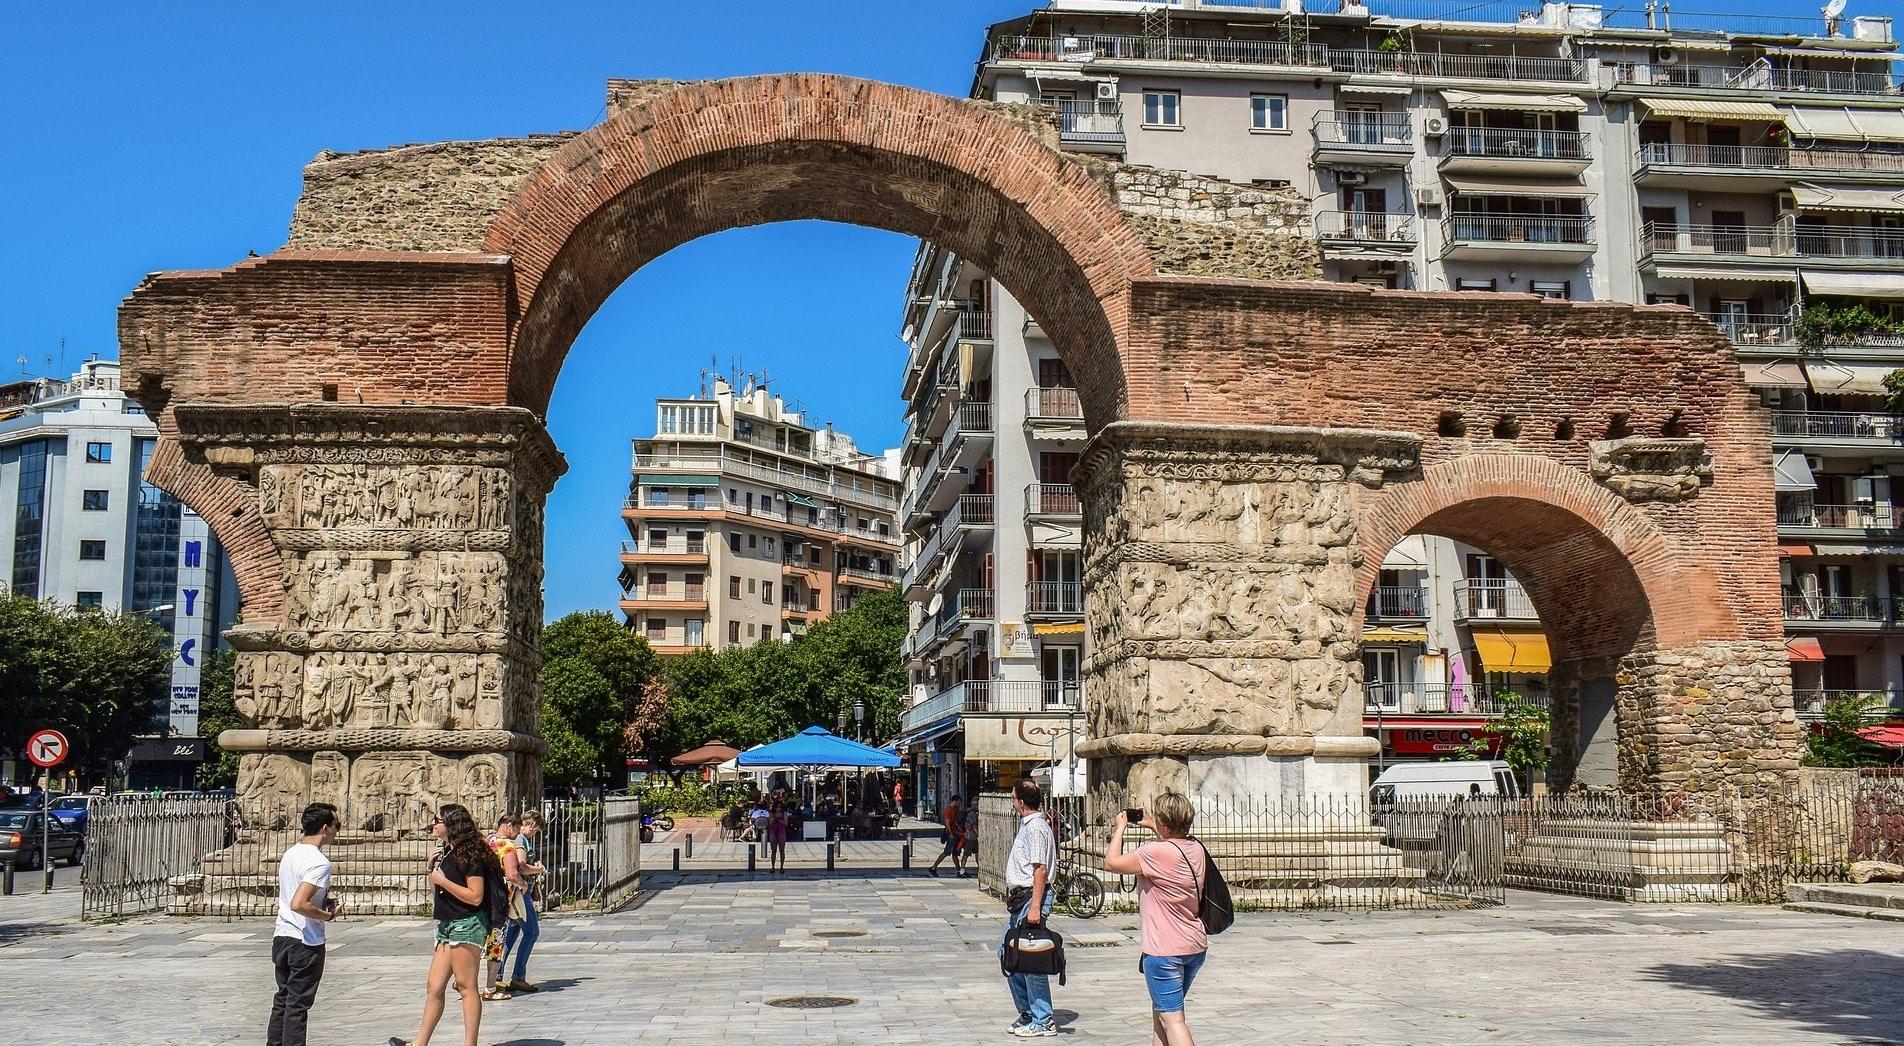 Most Instagrammable Spots in Thessaloniki